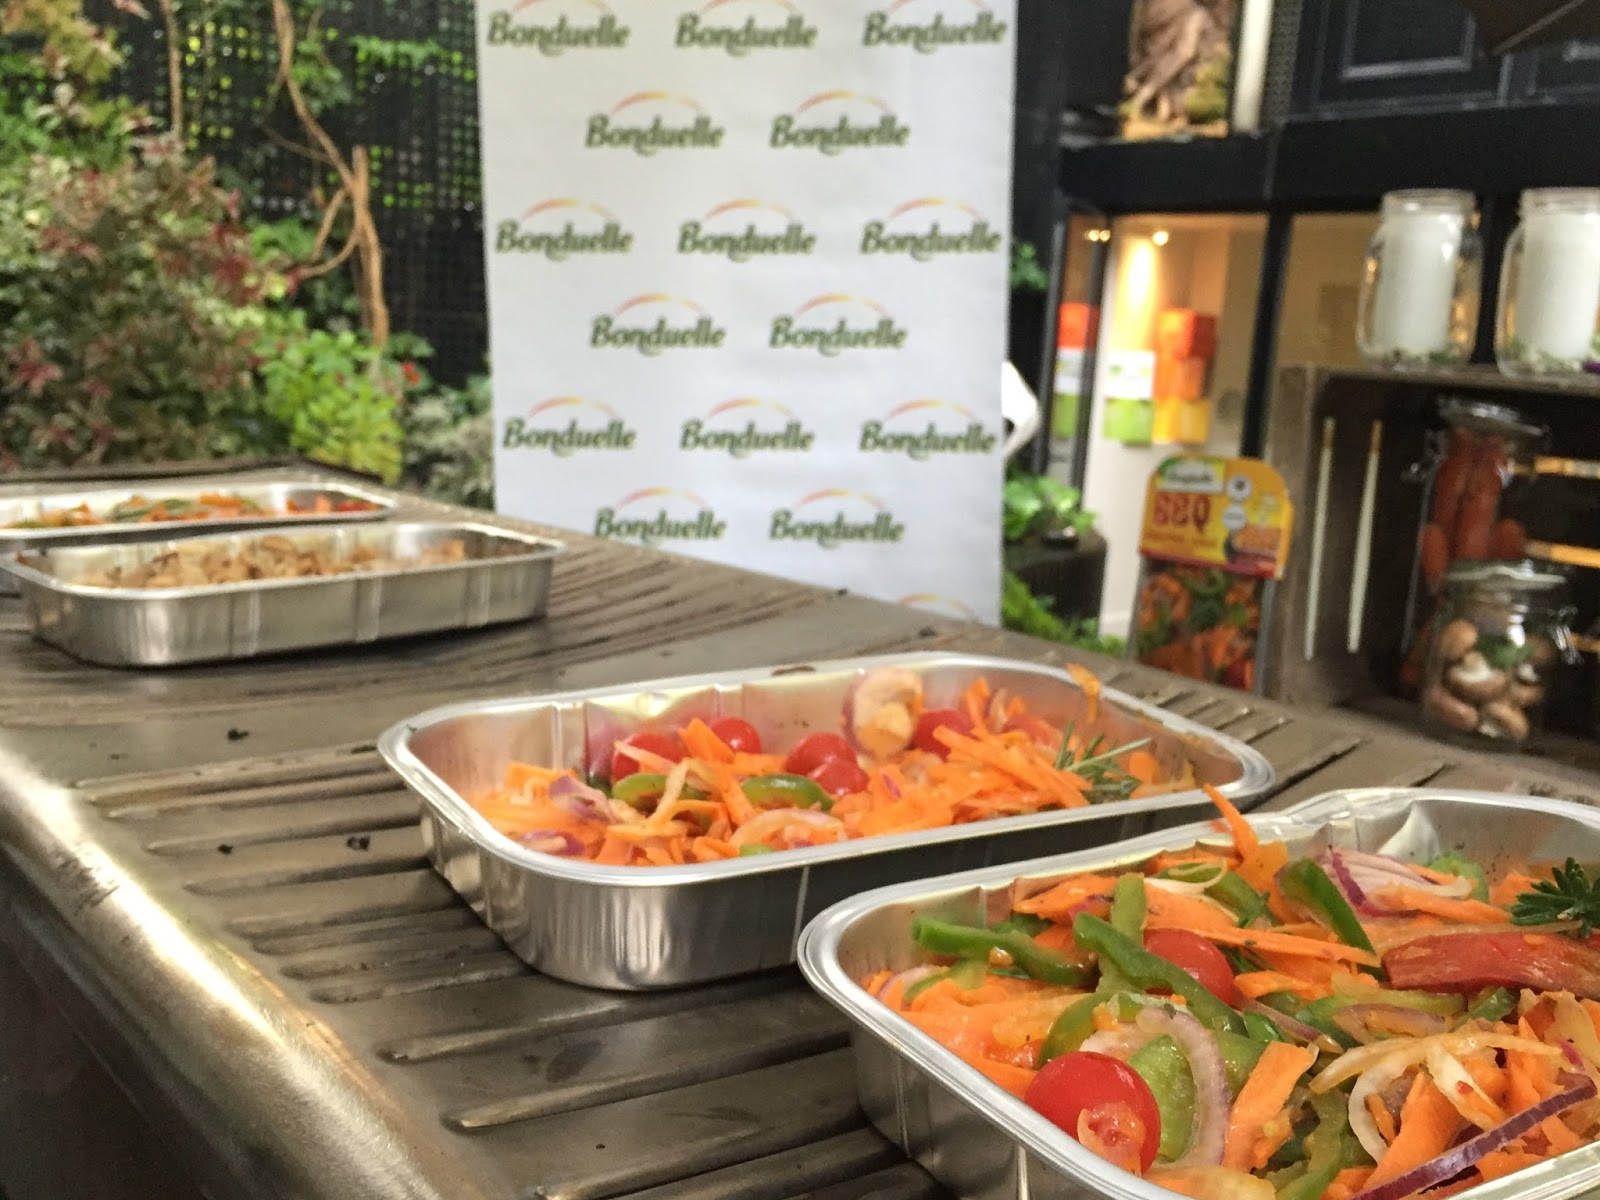 green barbecue plancha parenthese bonduelle evenement event blog food healthy vert bio légume bbq paris trocadero christian dior maison terrasse champignon manger mieux bien